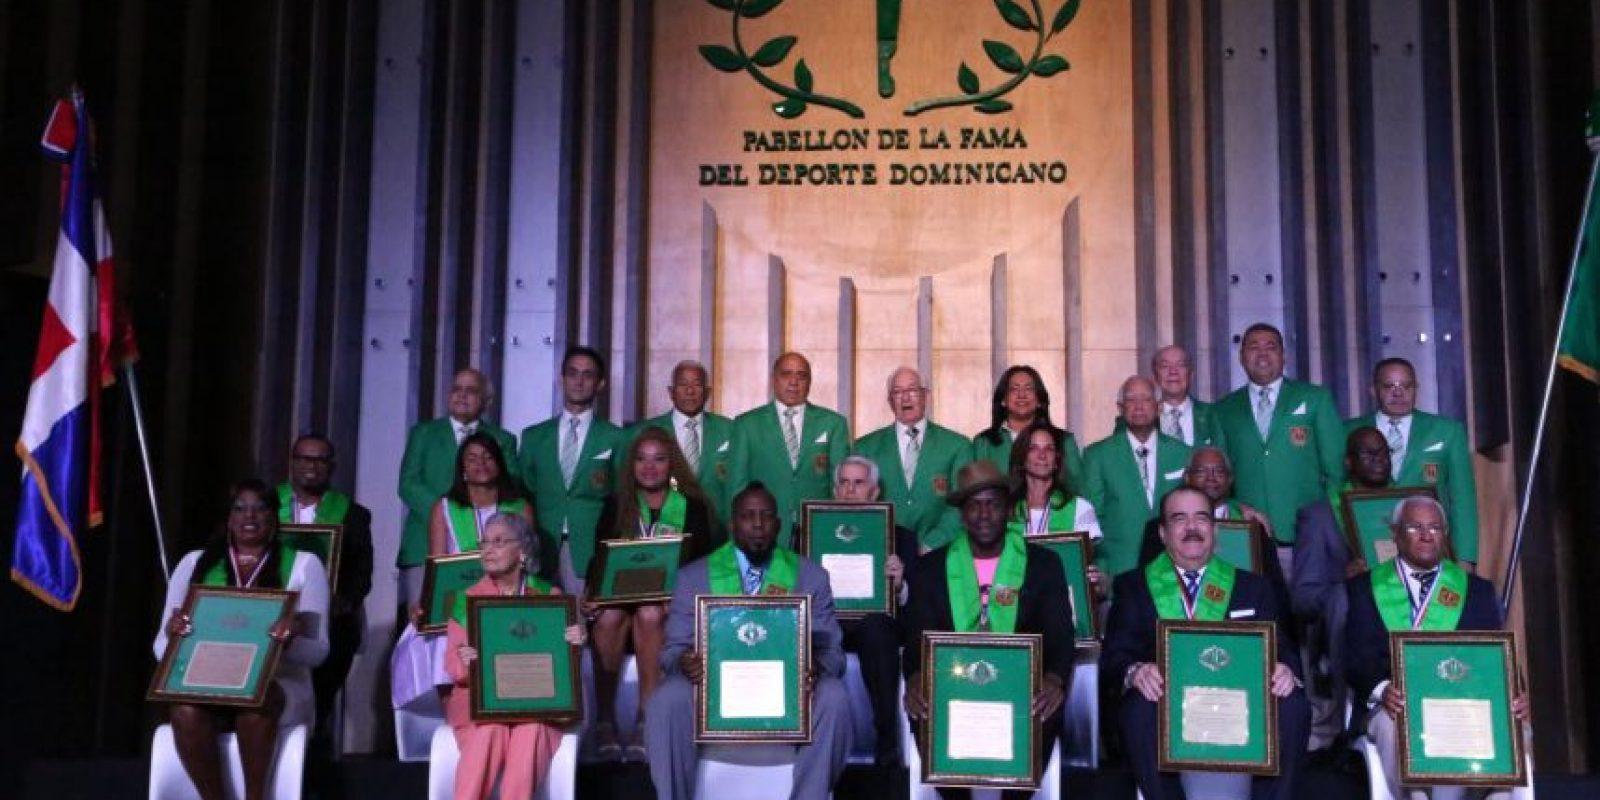 Los nuevos inmortales en la gala celebrada en honor a sus grandes logros en el deporte. Foto:Fuente externa